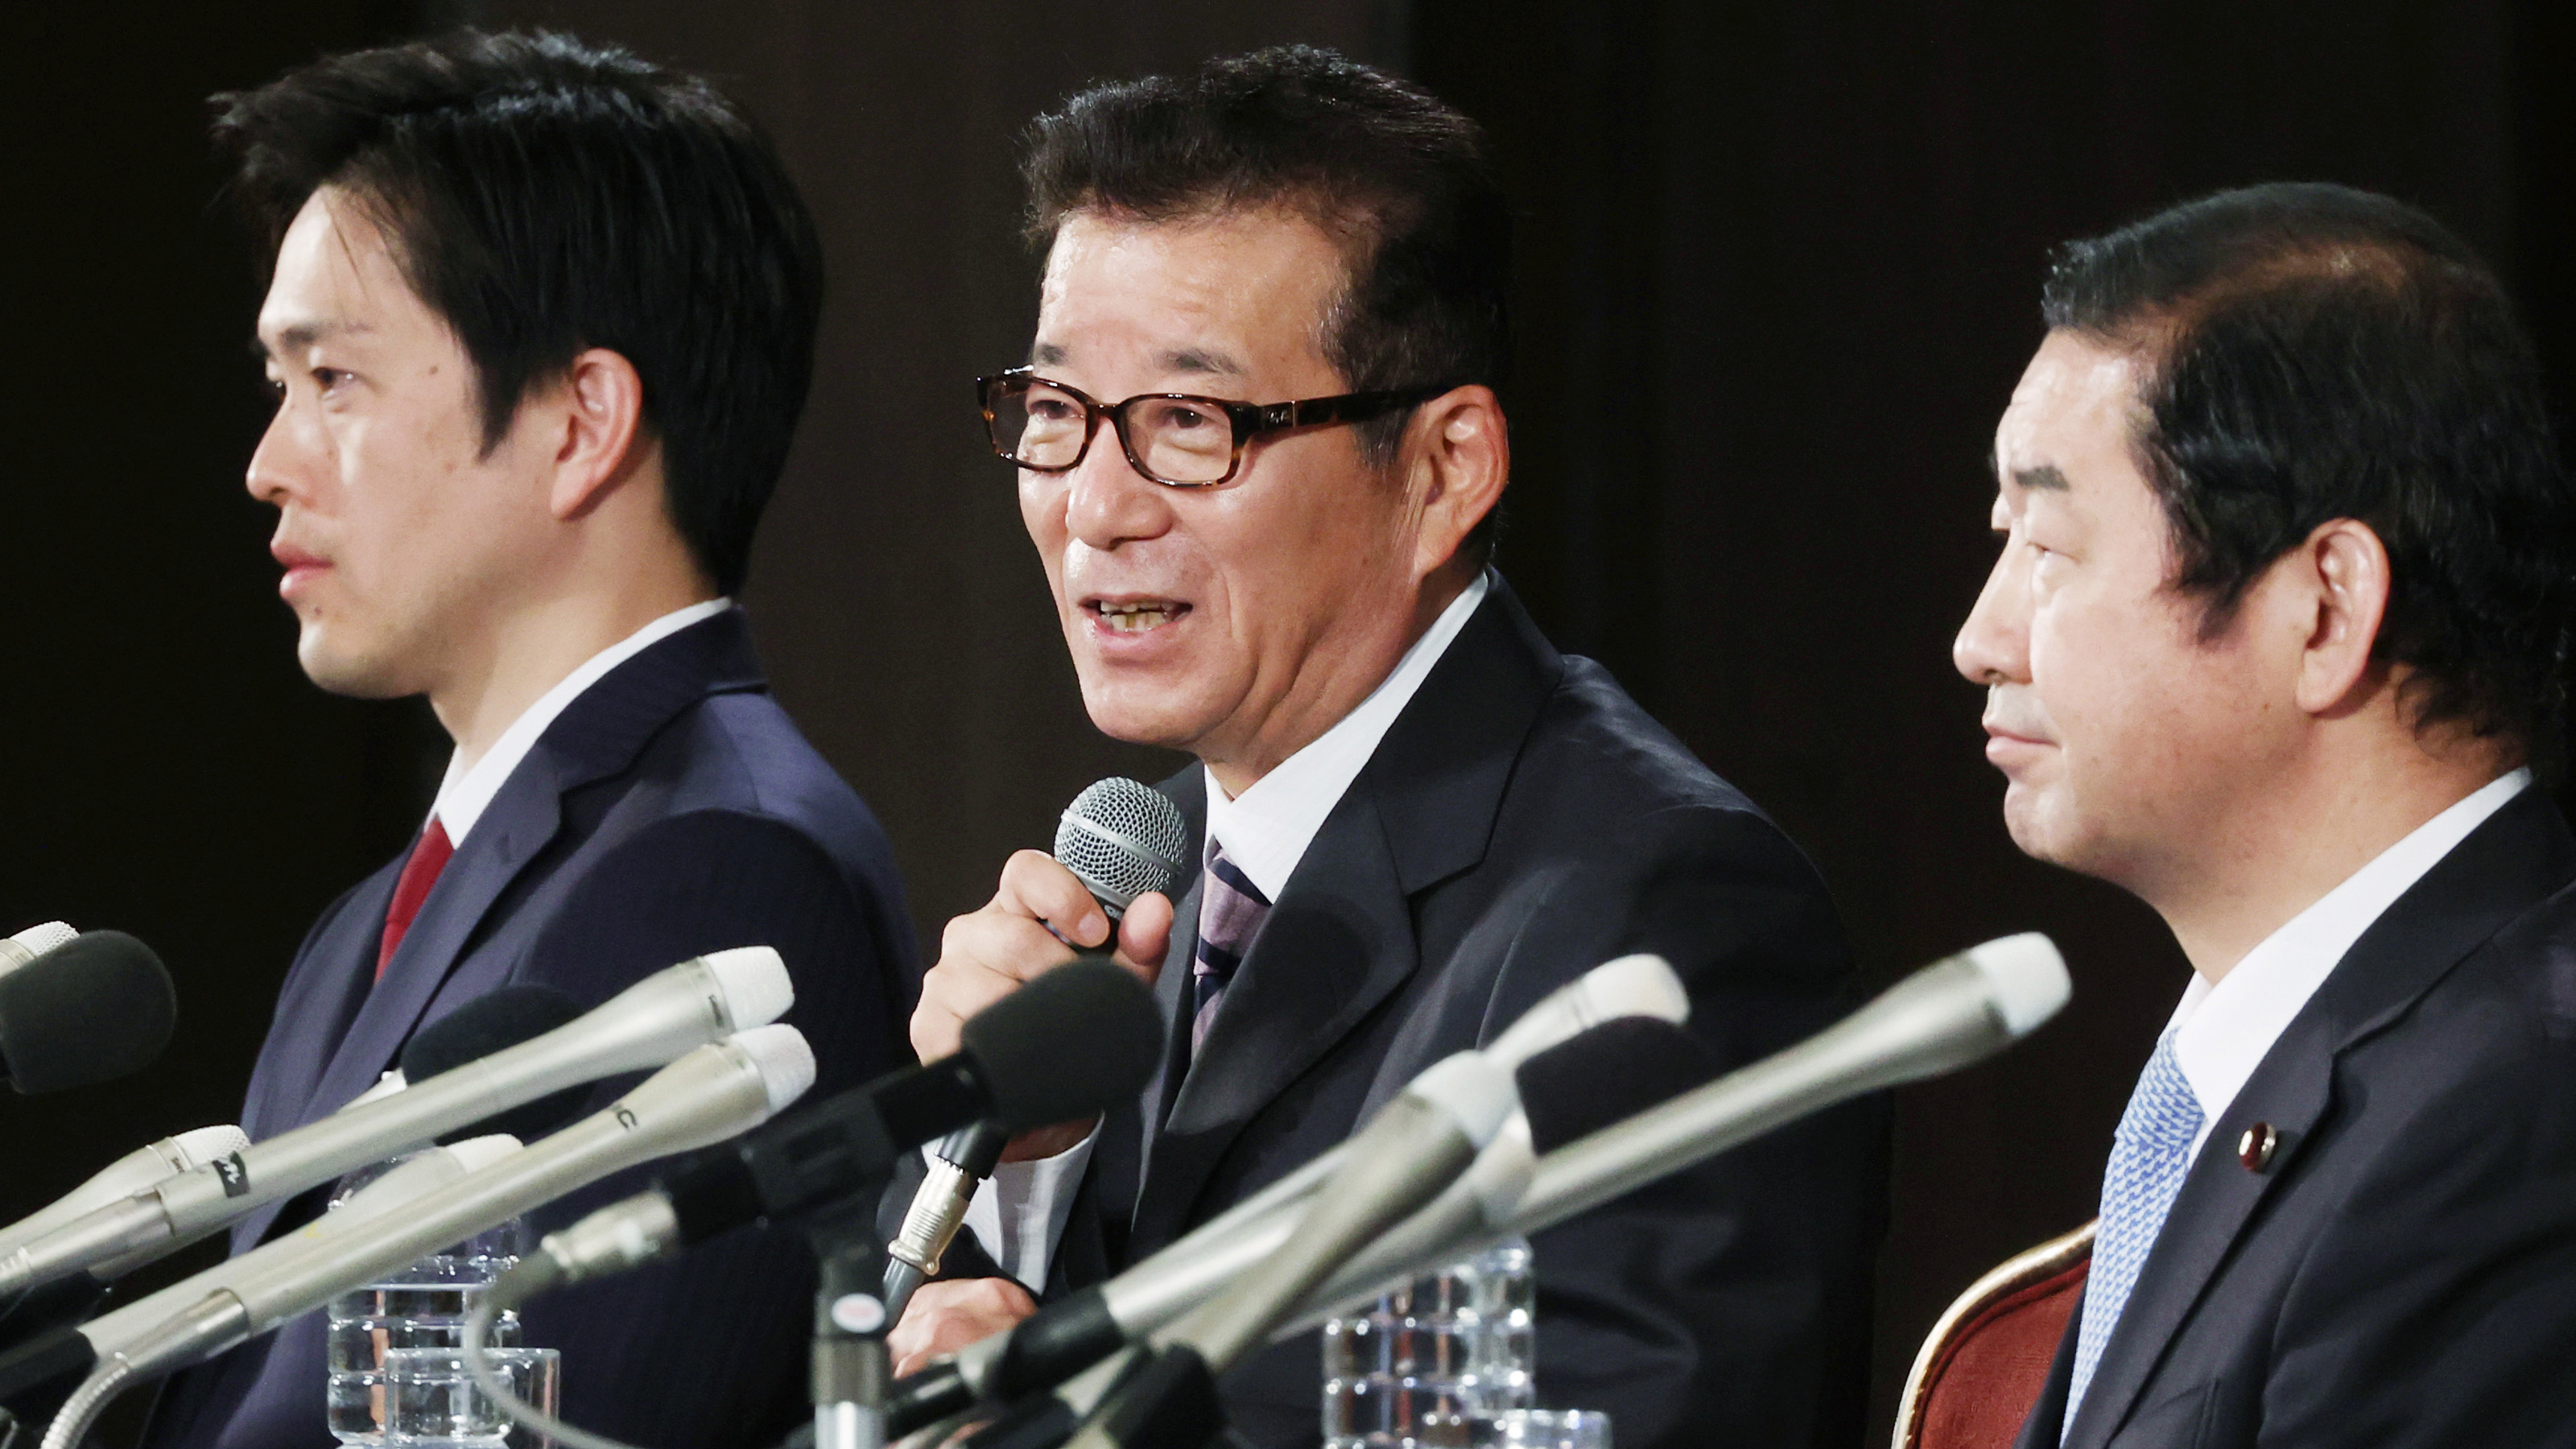 投票 結果 大阪 都 住民 構想 大阪都構想に関するトピックス:朝日新聞デジタル